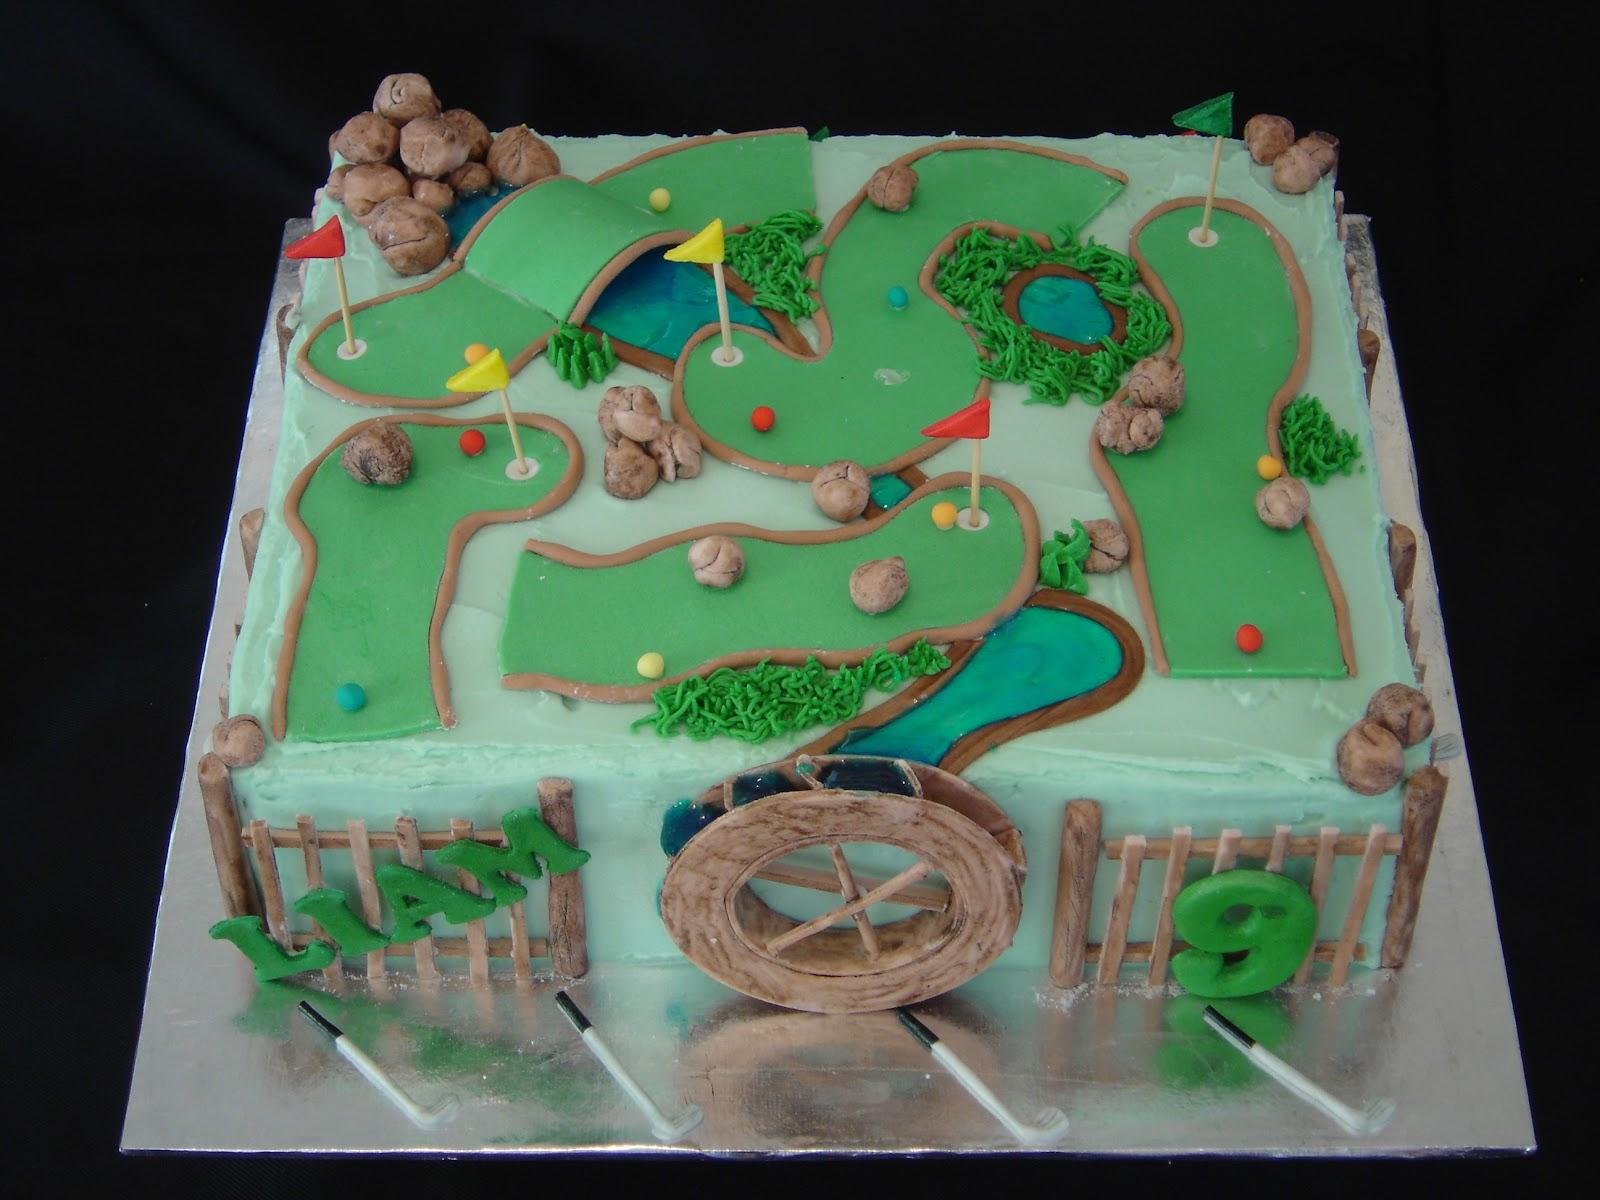 Cake till u drop: Putt putt cake